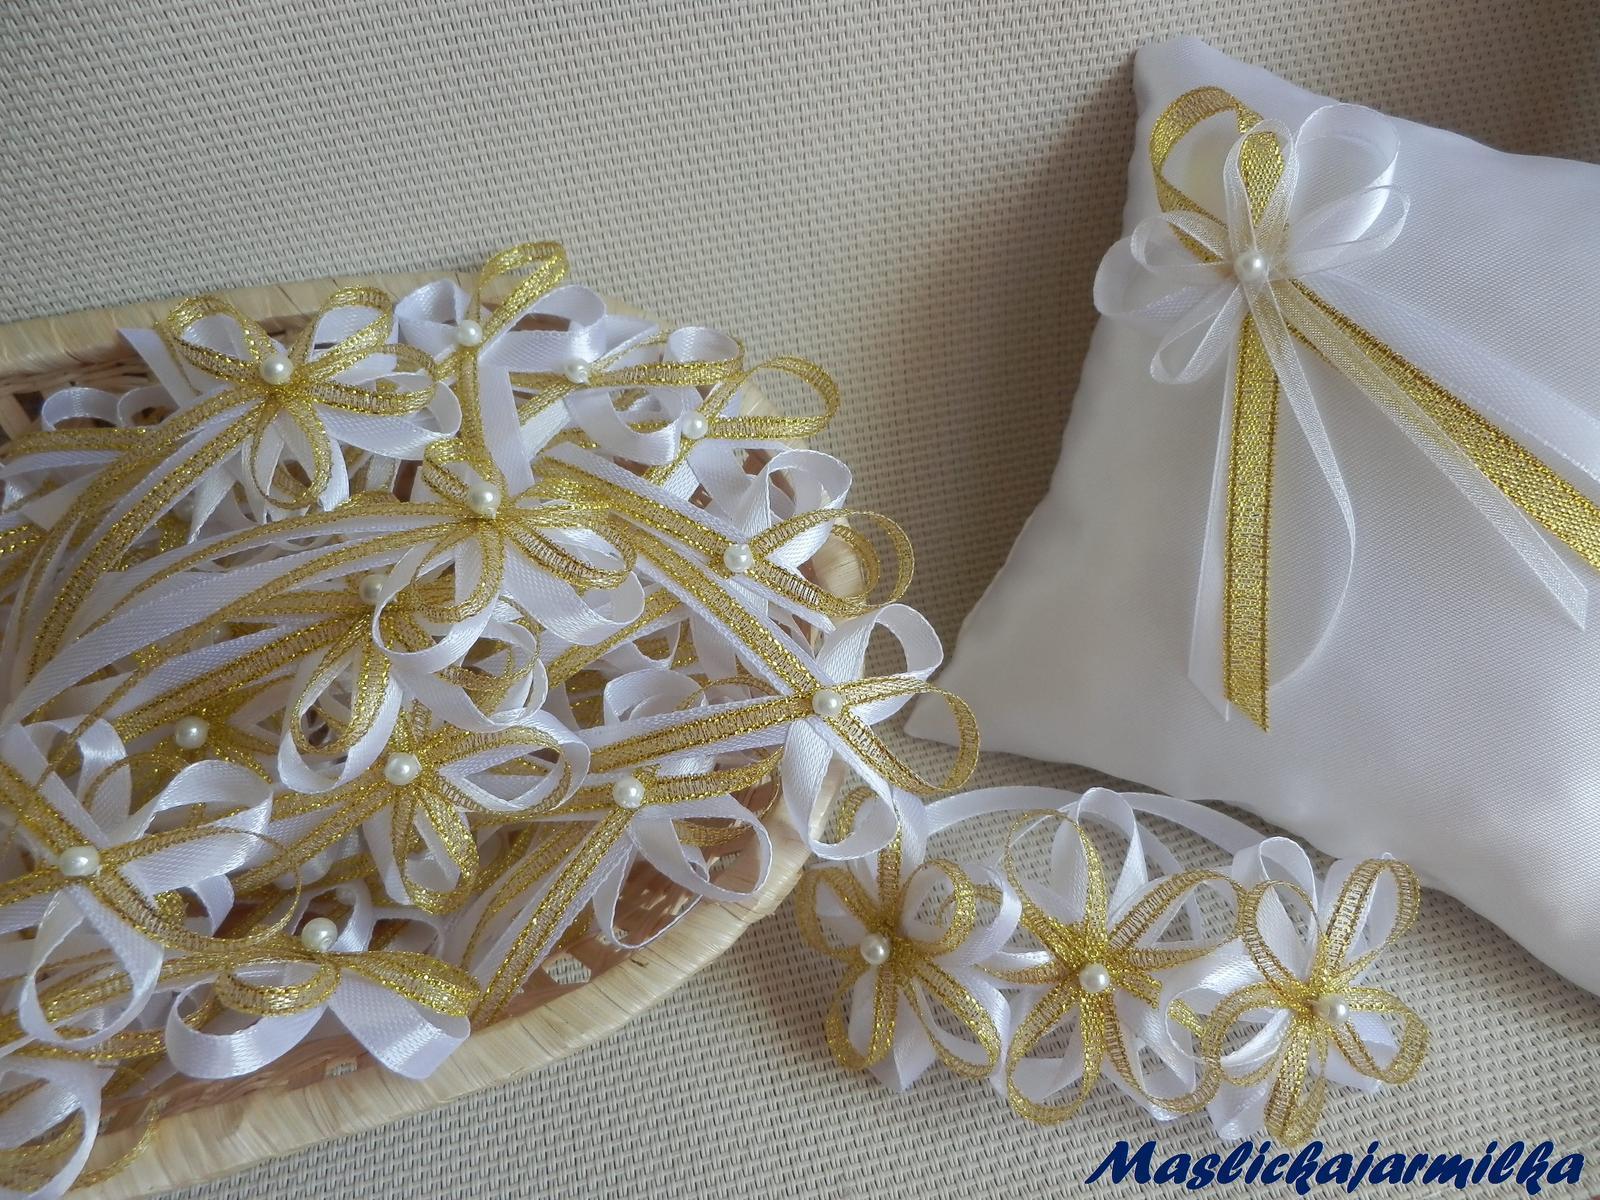 Svatební vývazky, podvazky, polštářky pod prstýnky, náramky.. - Obrázek č. 2